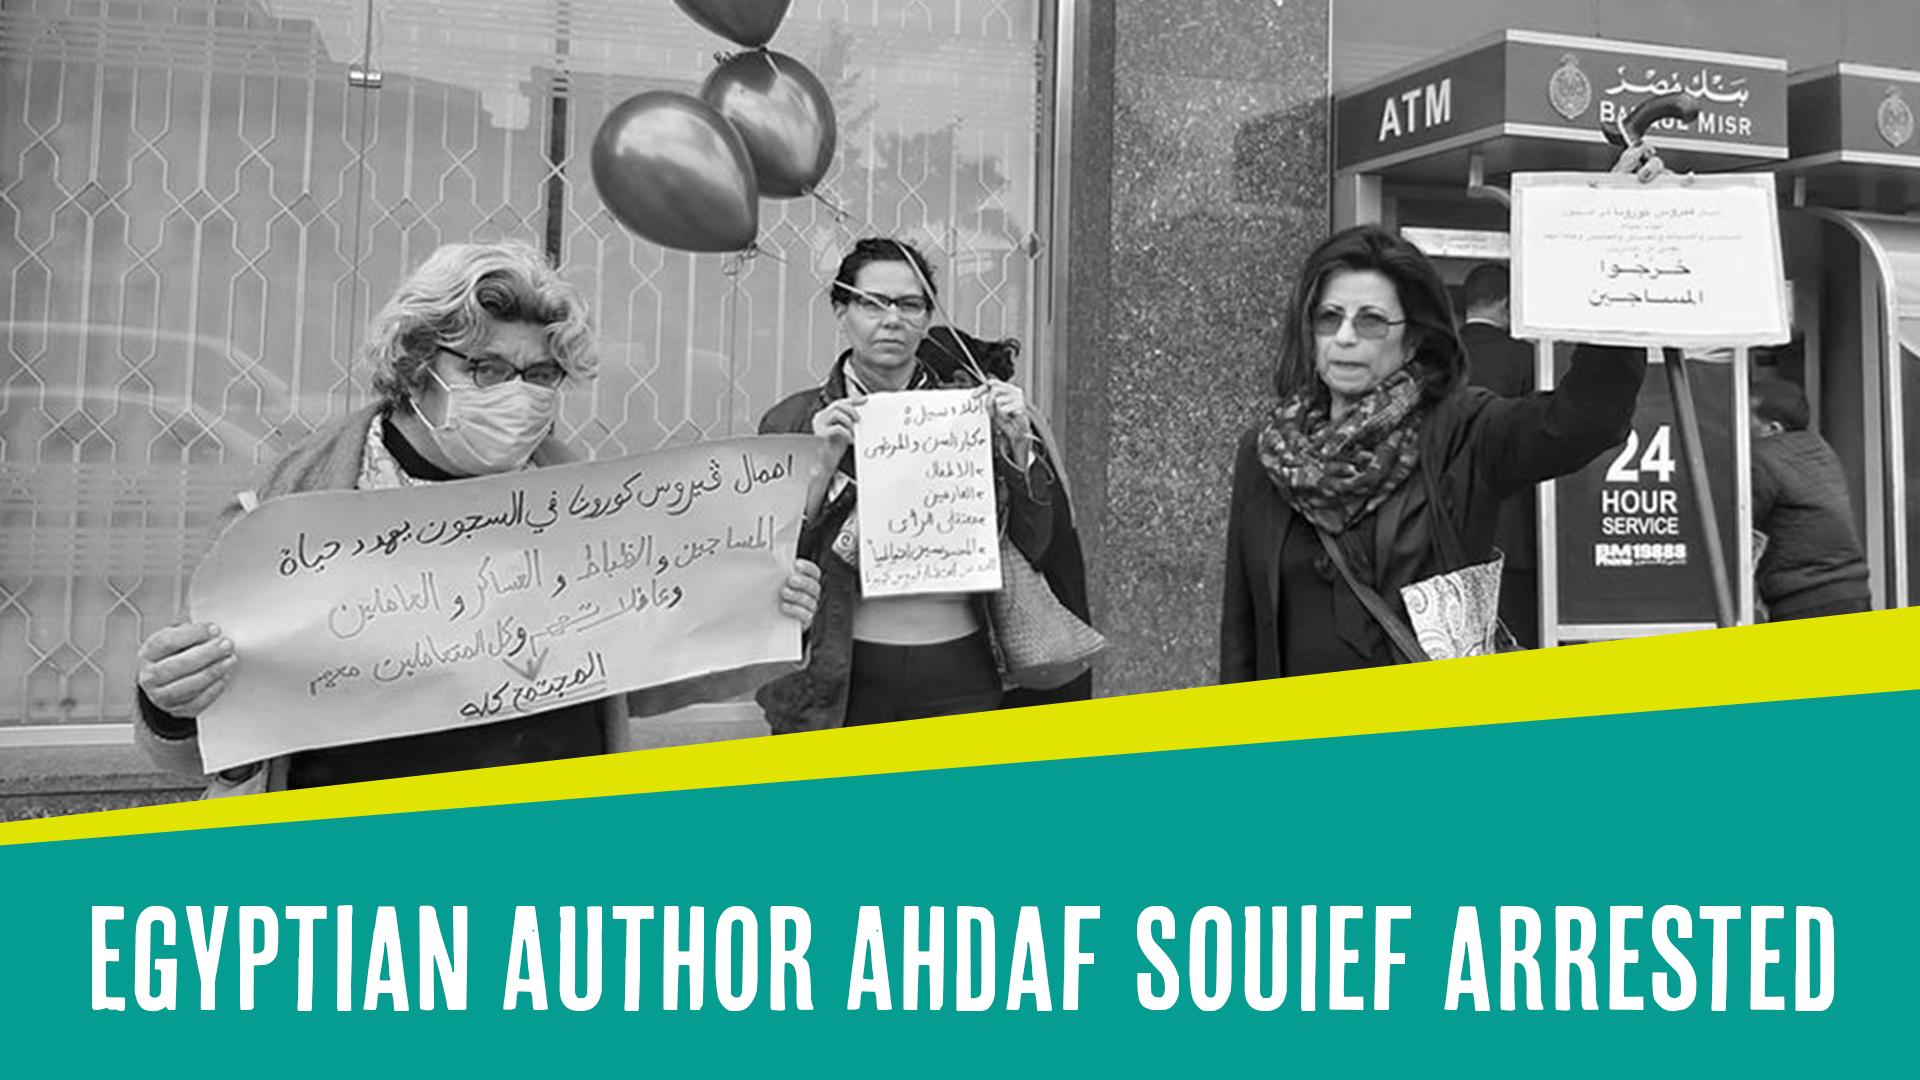 Egyptian Author Ahdaf Souief arrested